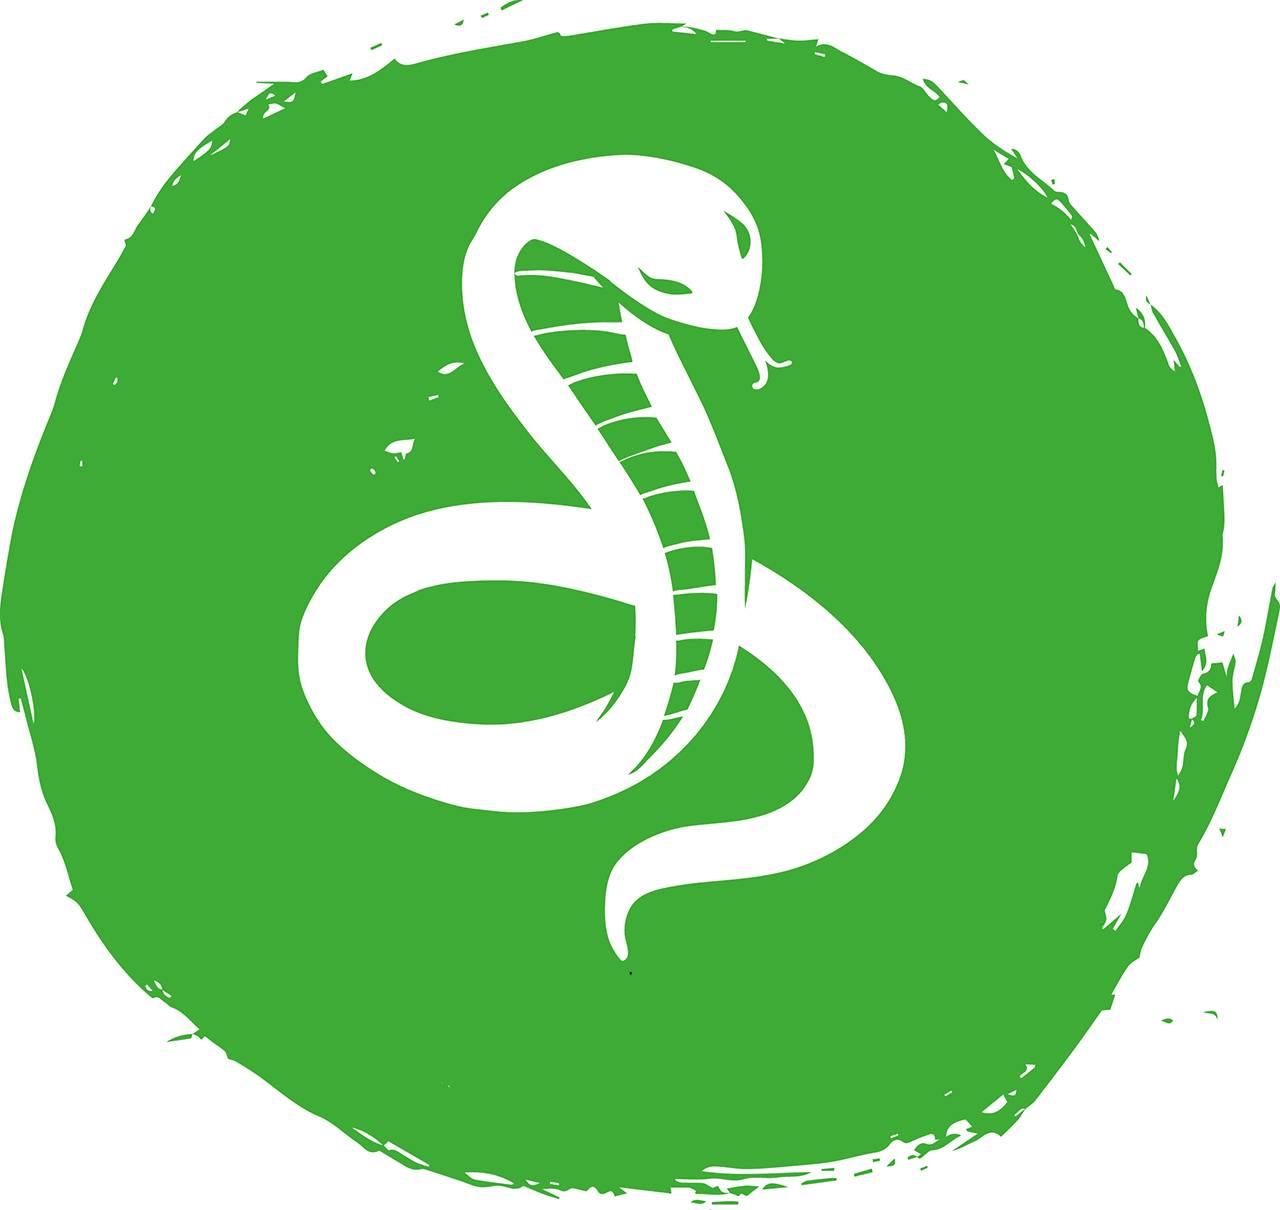 Восточный (китайский) гороскоп на 2013 год Змеи